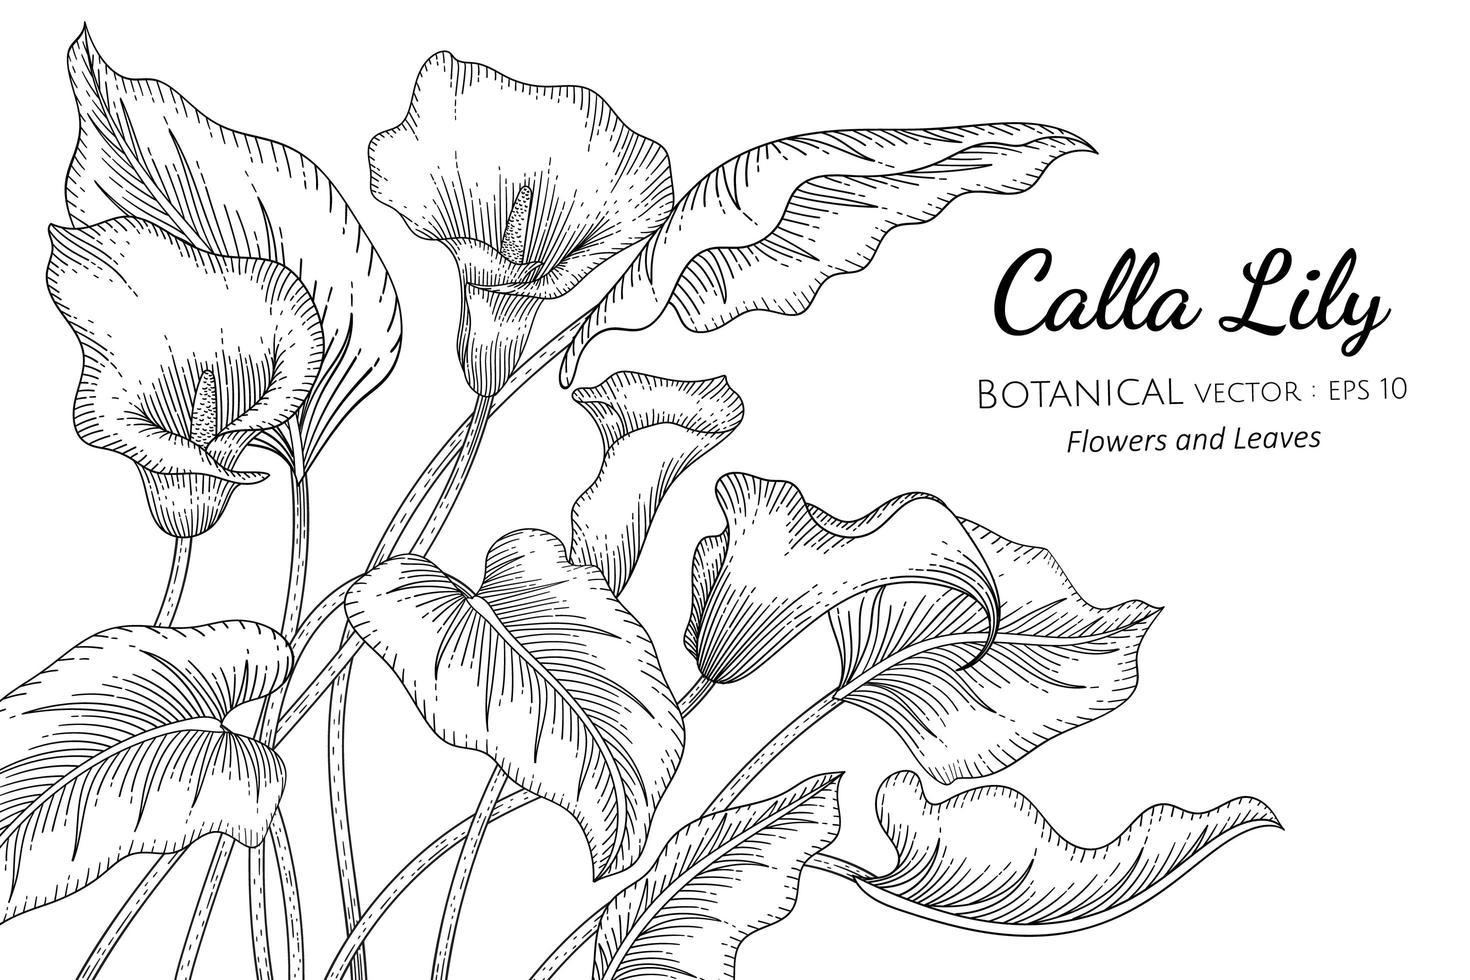 ilustração botânica desenhada à mão de flor e folha de lírio-de-leite com arte de linha no fundo branco vetor